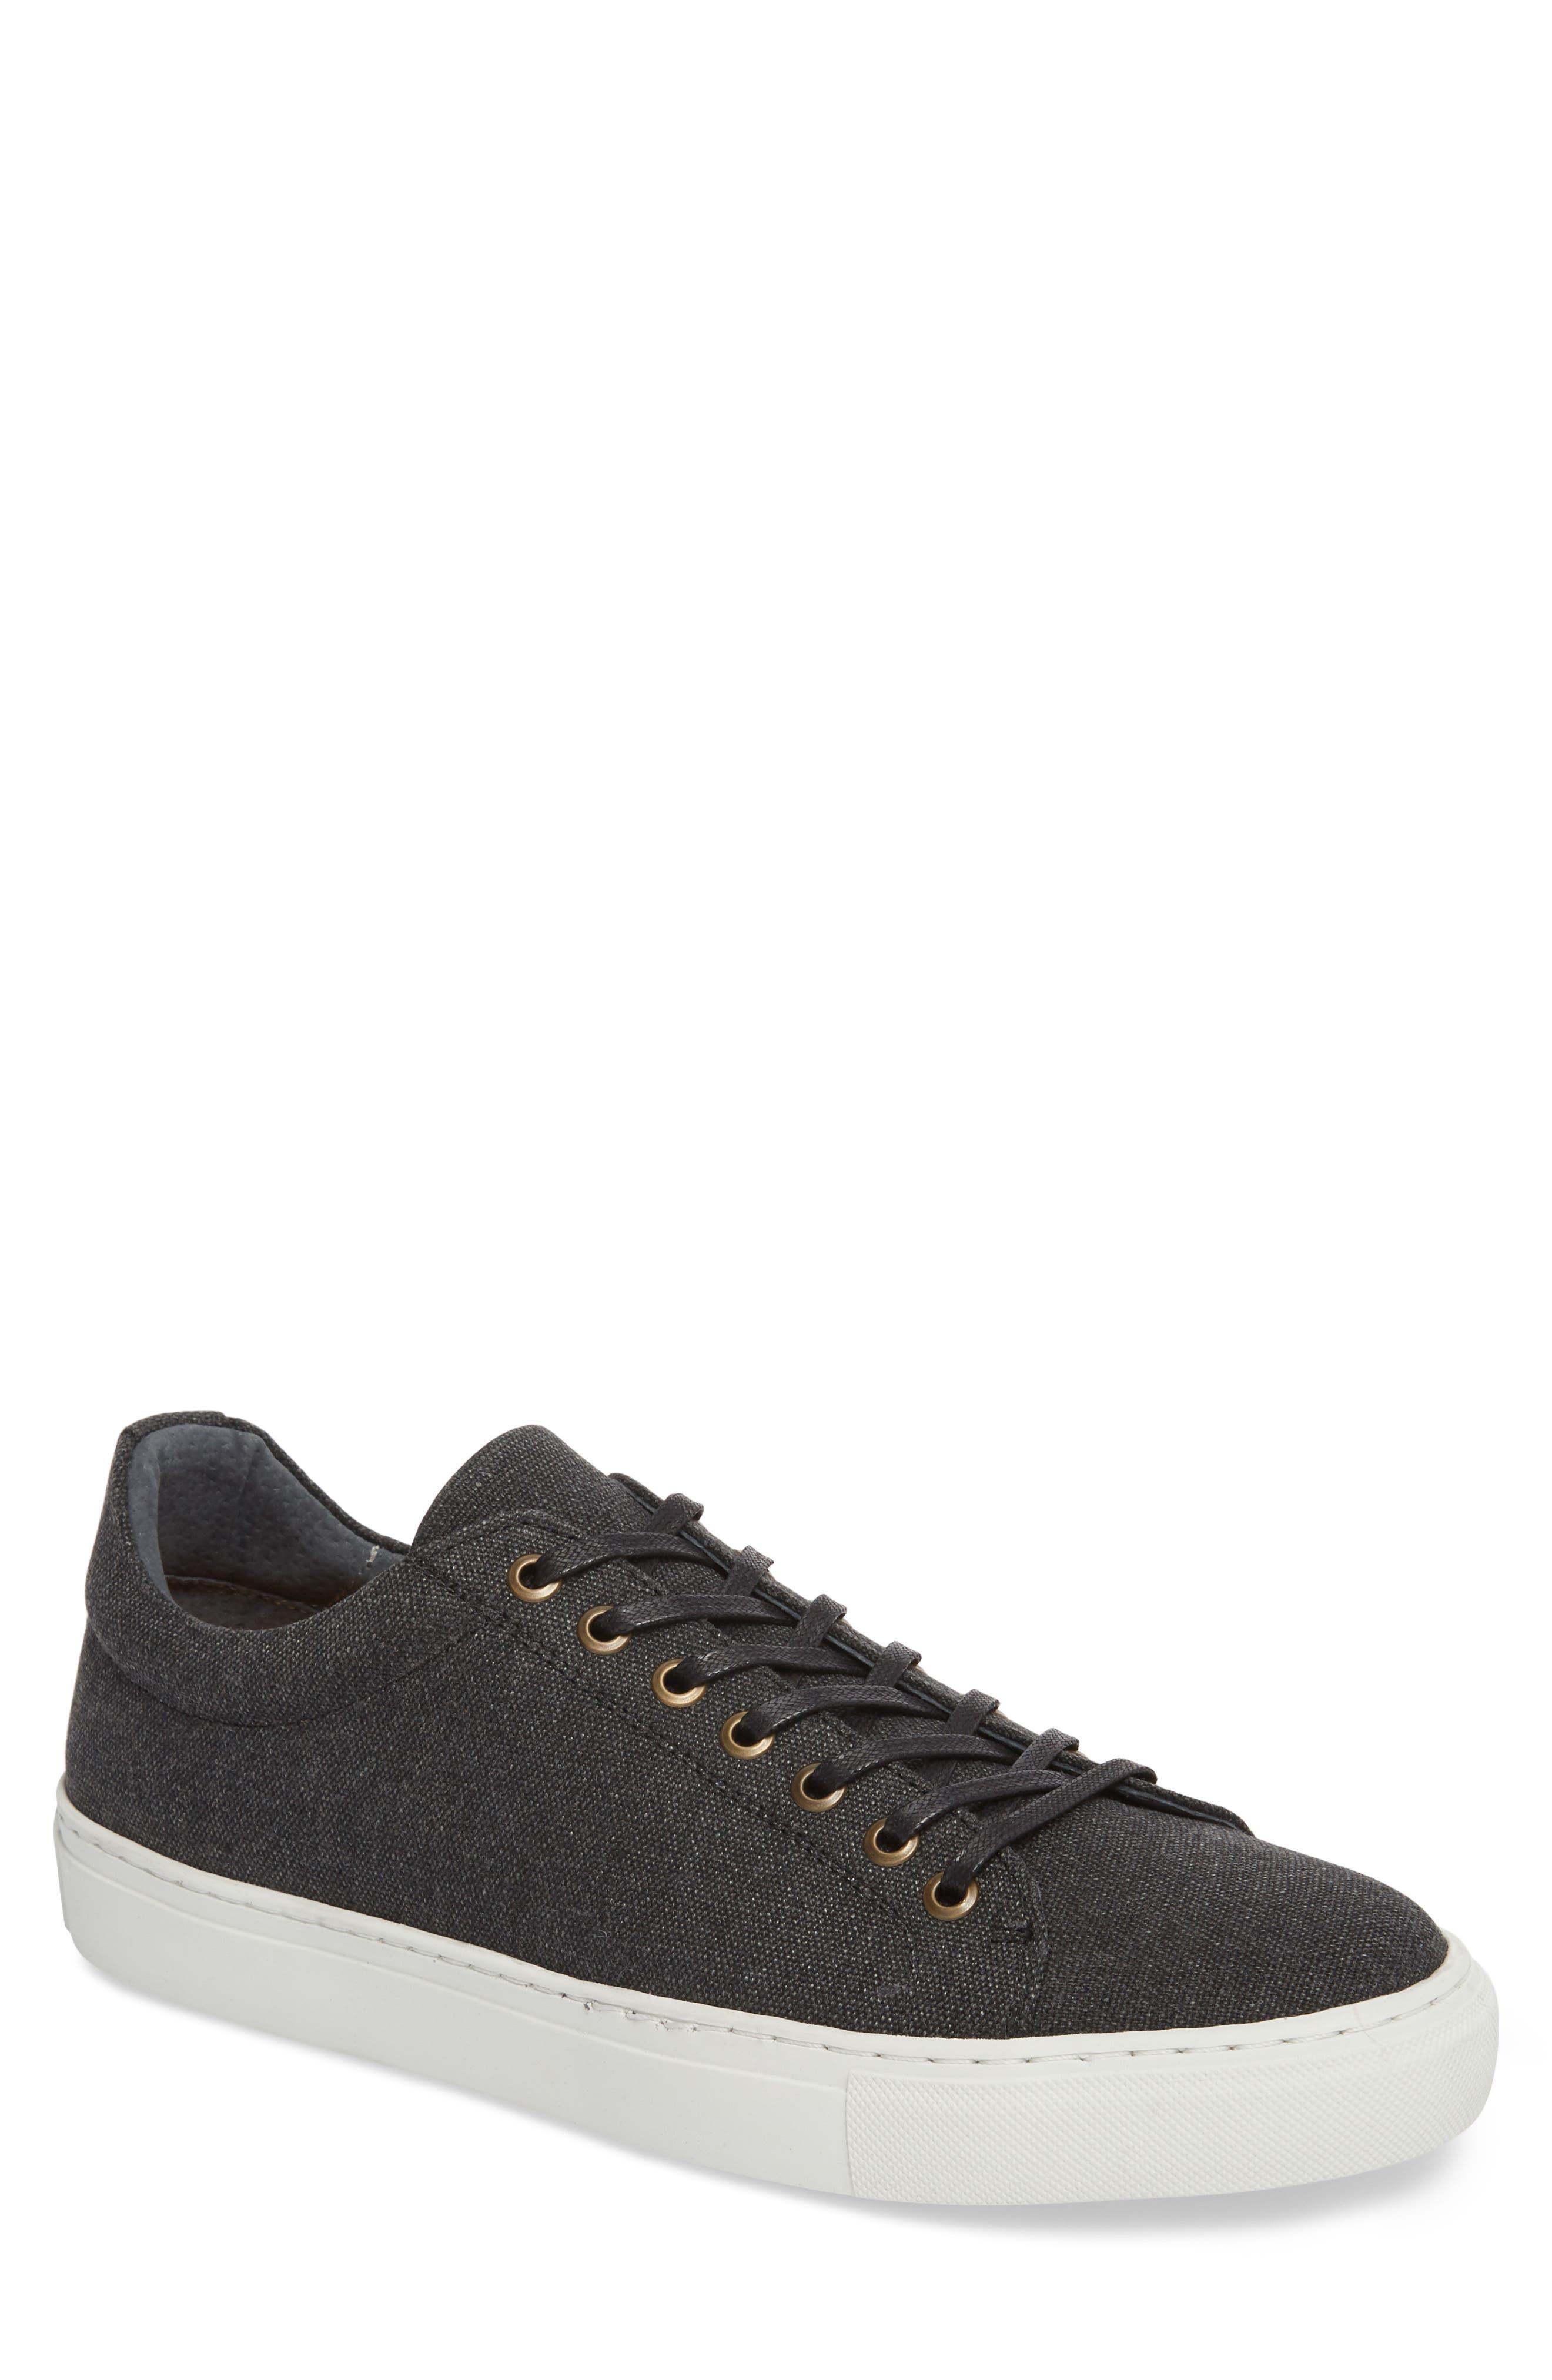 Mark Low Top Sneaker,                         Main,                         color, 007